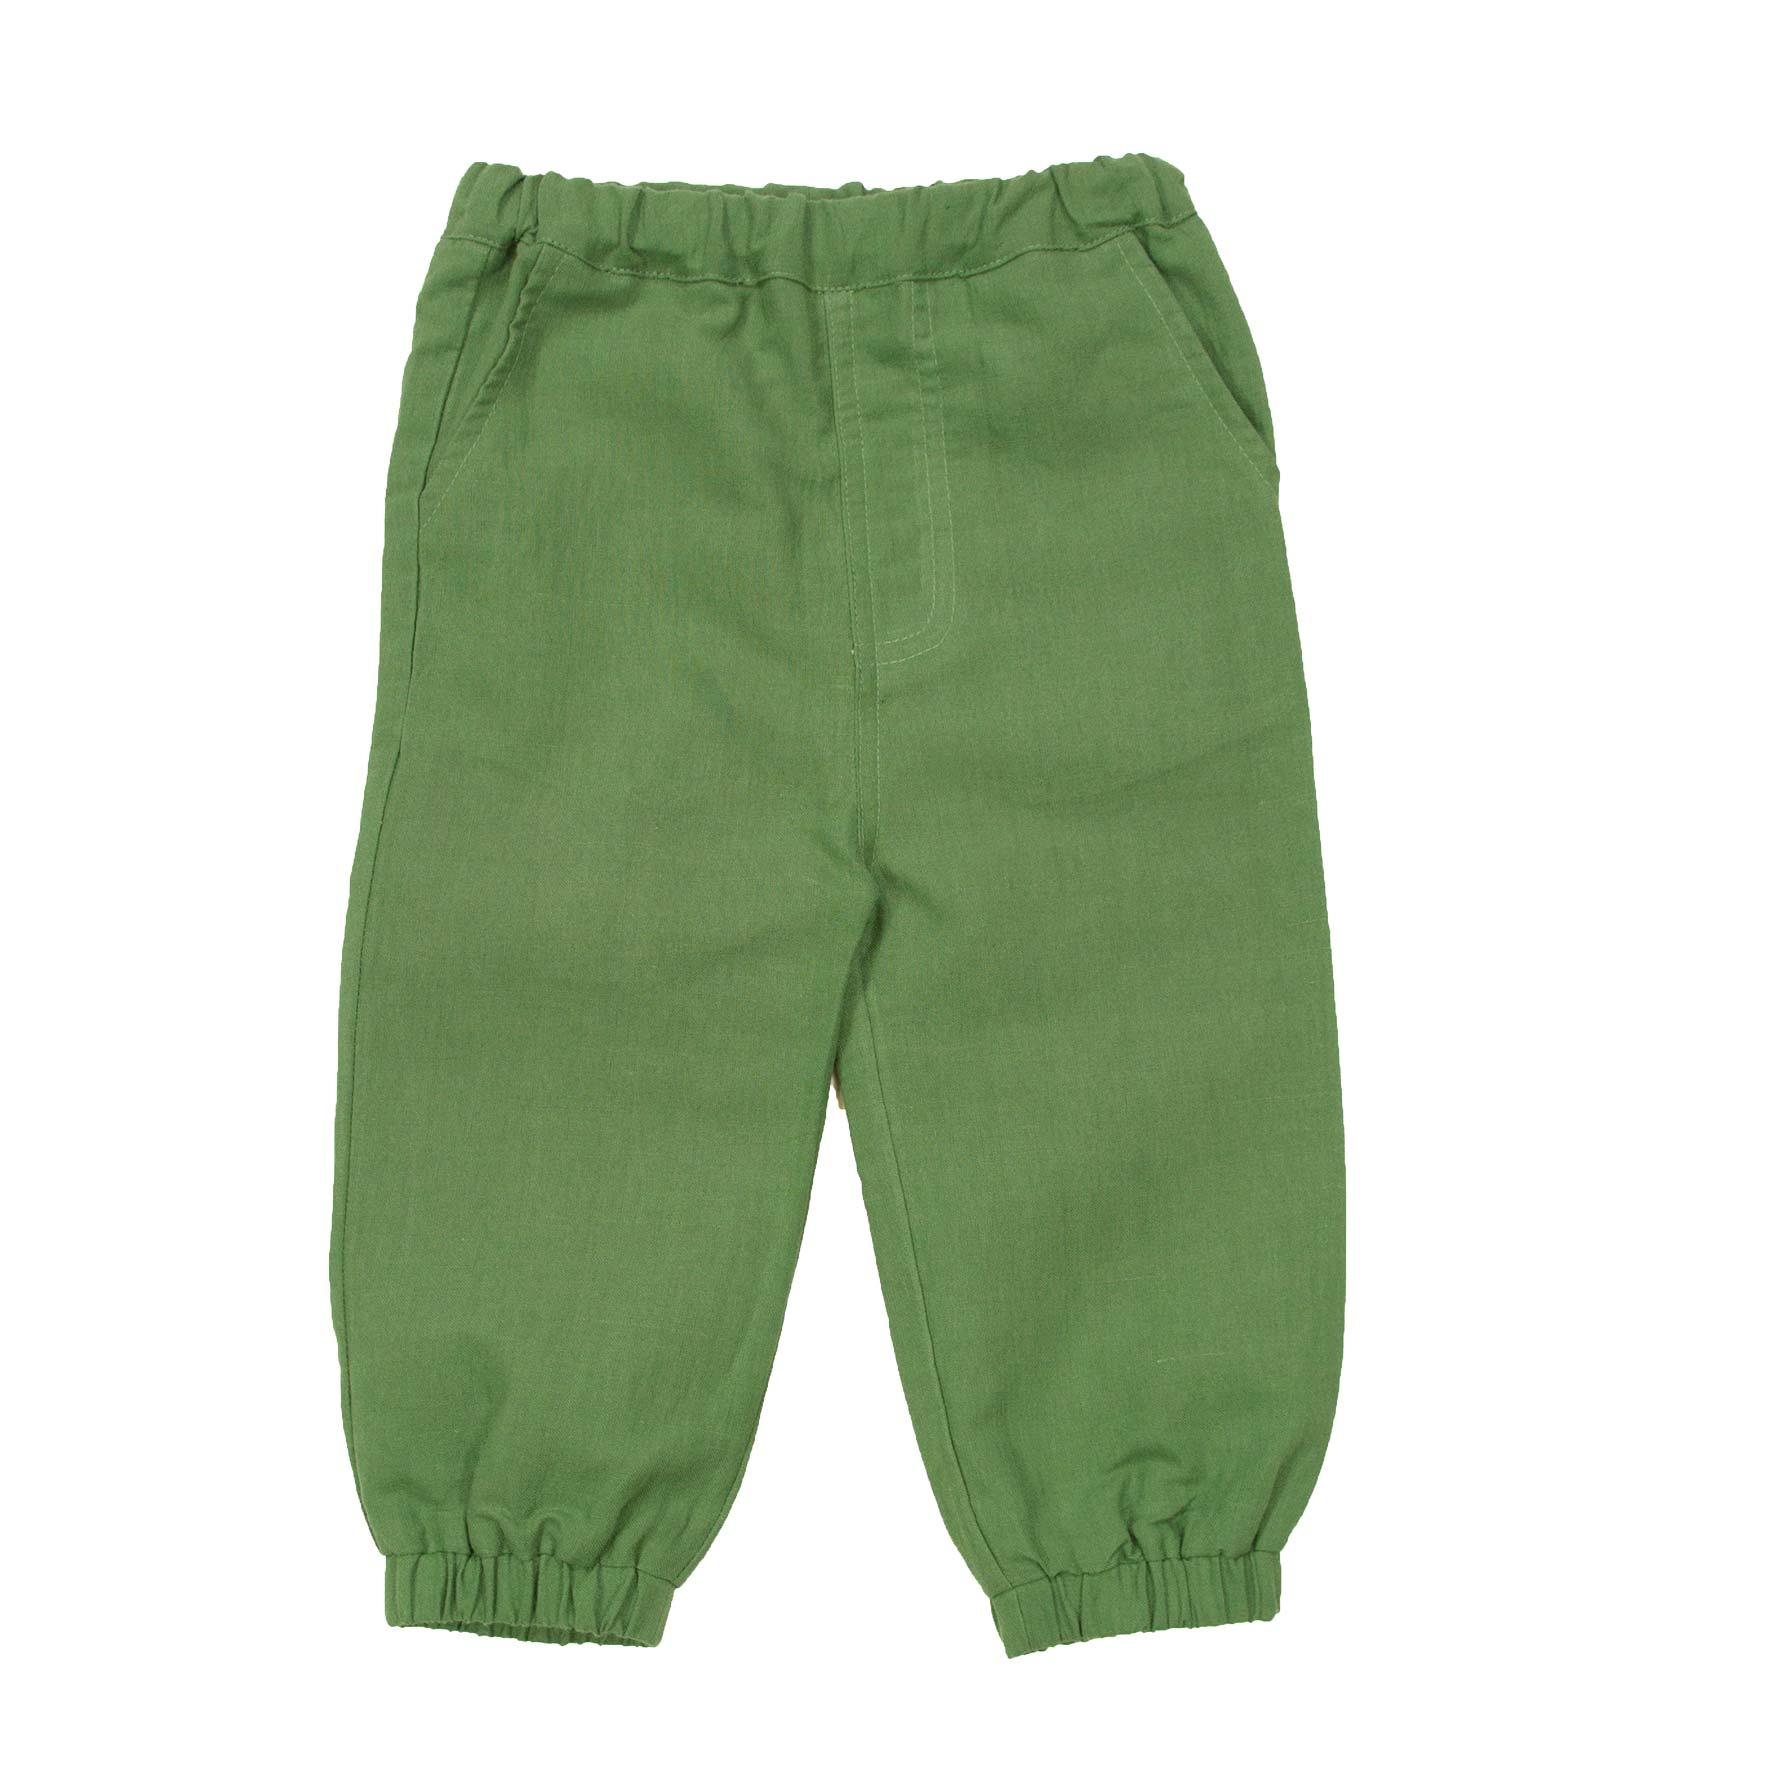 433fad69 Memini grønn bukse. Linbukse til gutt fra Me Mini. Memini barneklær.